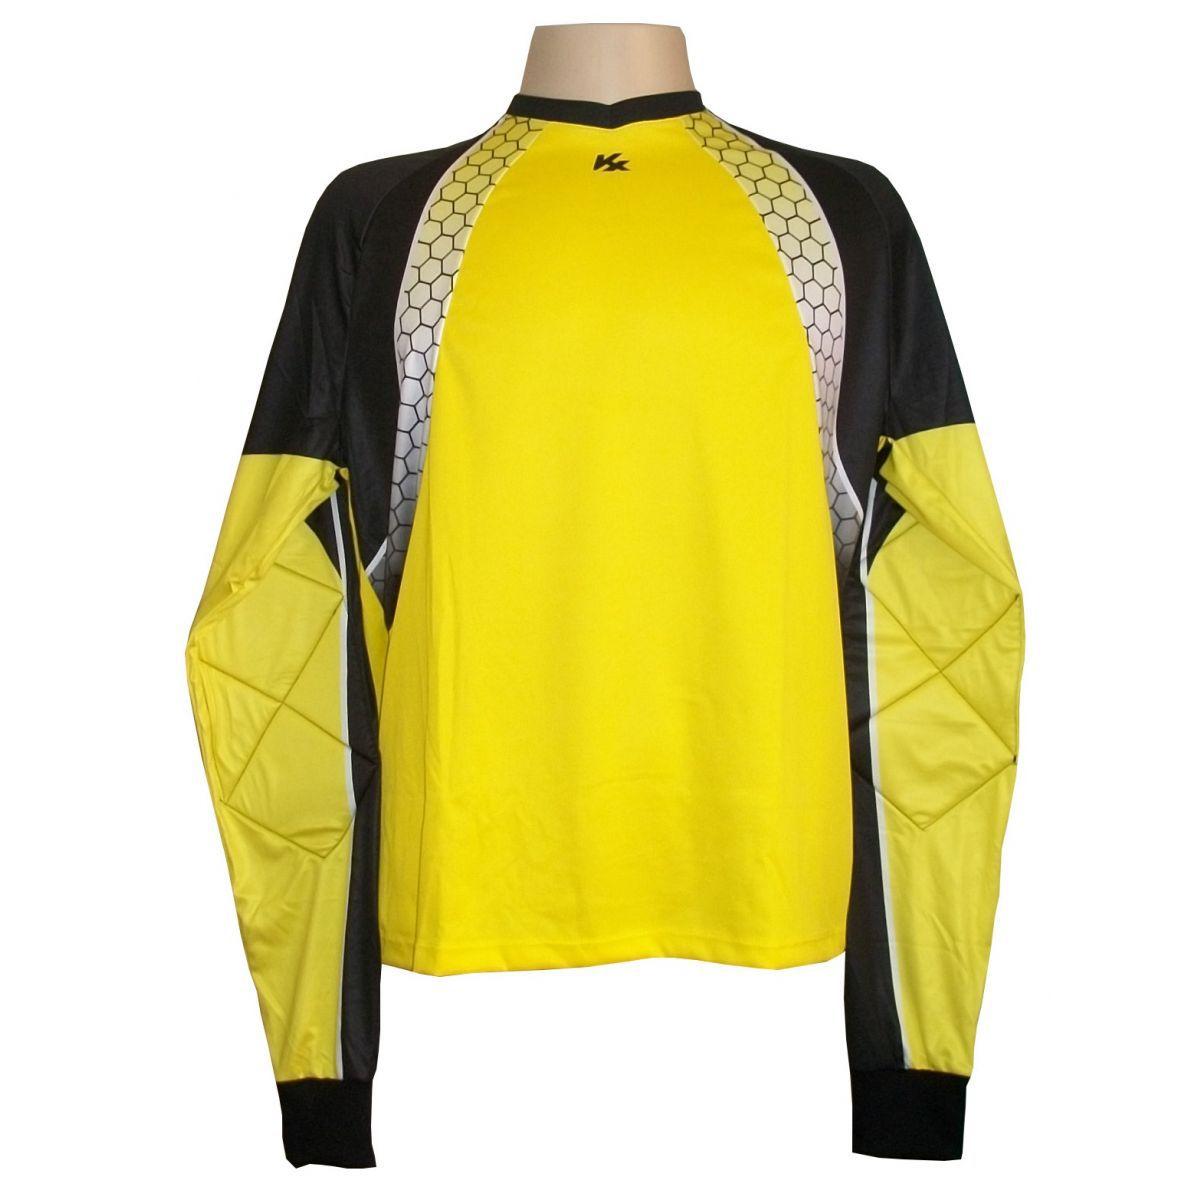 Camisa de Goleiro Profissional modelo Paraí Tam GG Nº 1 Amarelo/Preto - Kanxa